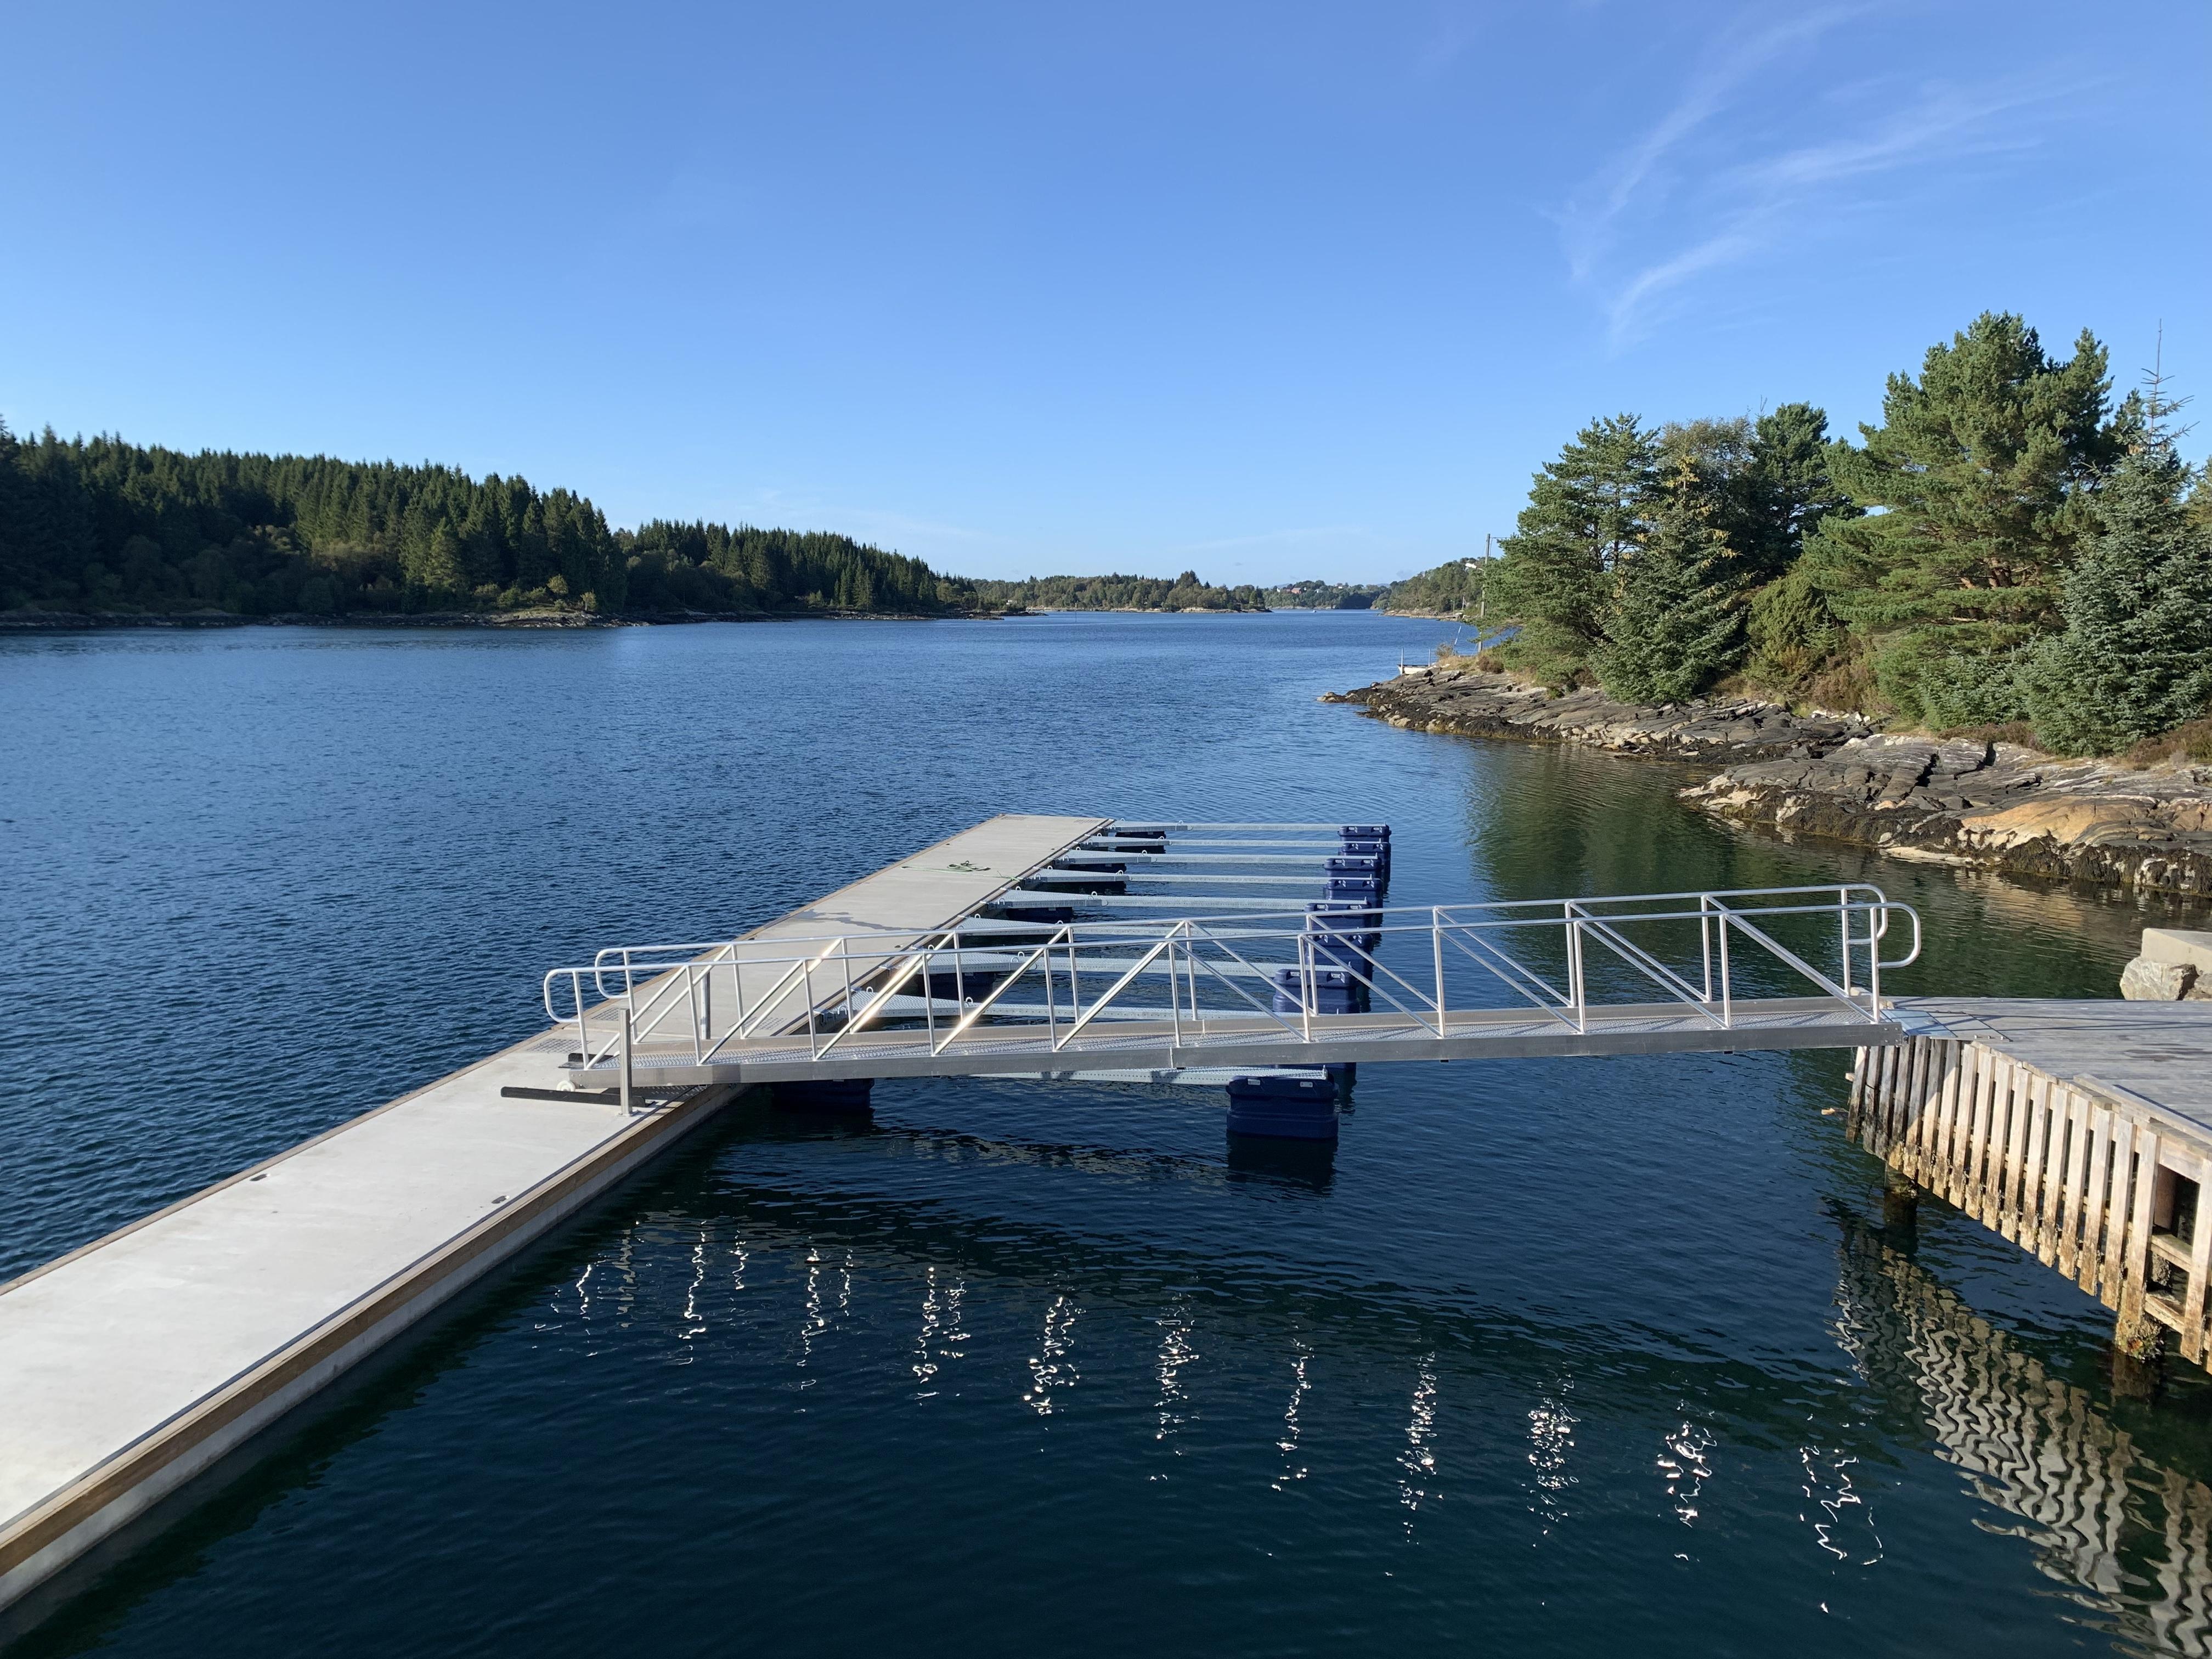 https://marinasolutions.no/uploads/Flytebrygge-i-betong-til-Feste-Nærkjøp_uteliggere_båtplasser_Seim.jpg